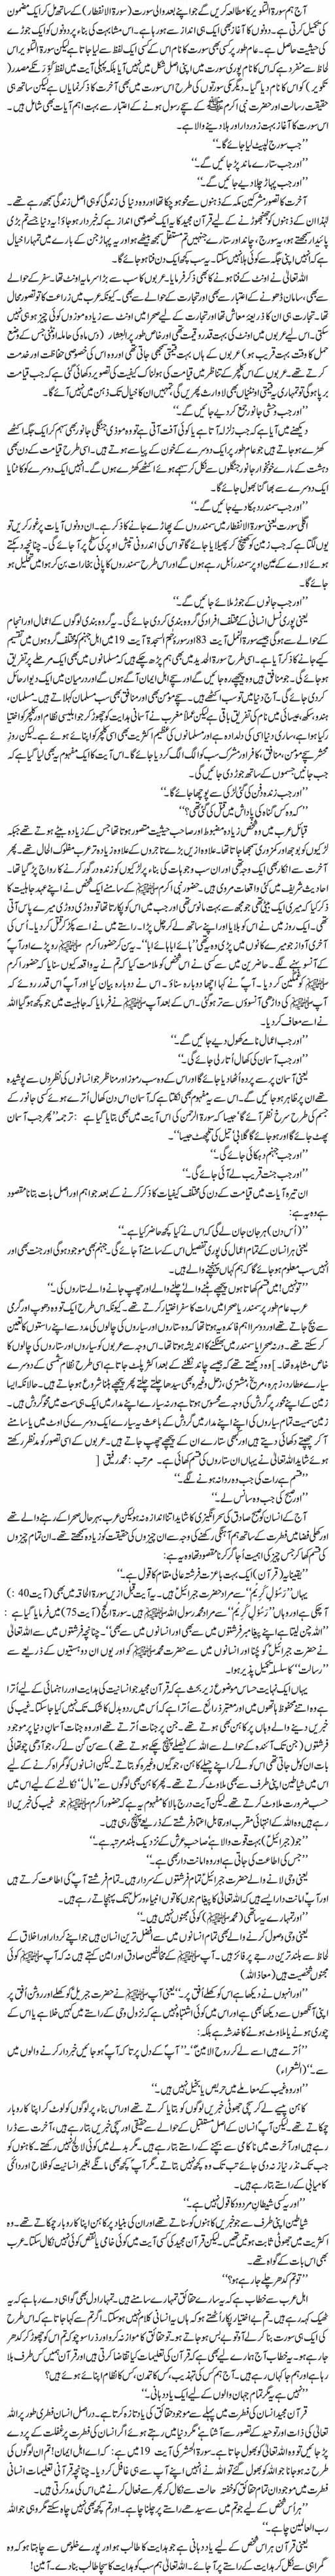 Nazool E Quran Ka Shafaf Nizam